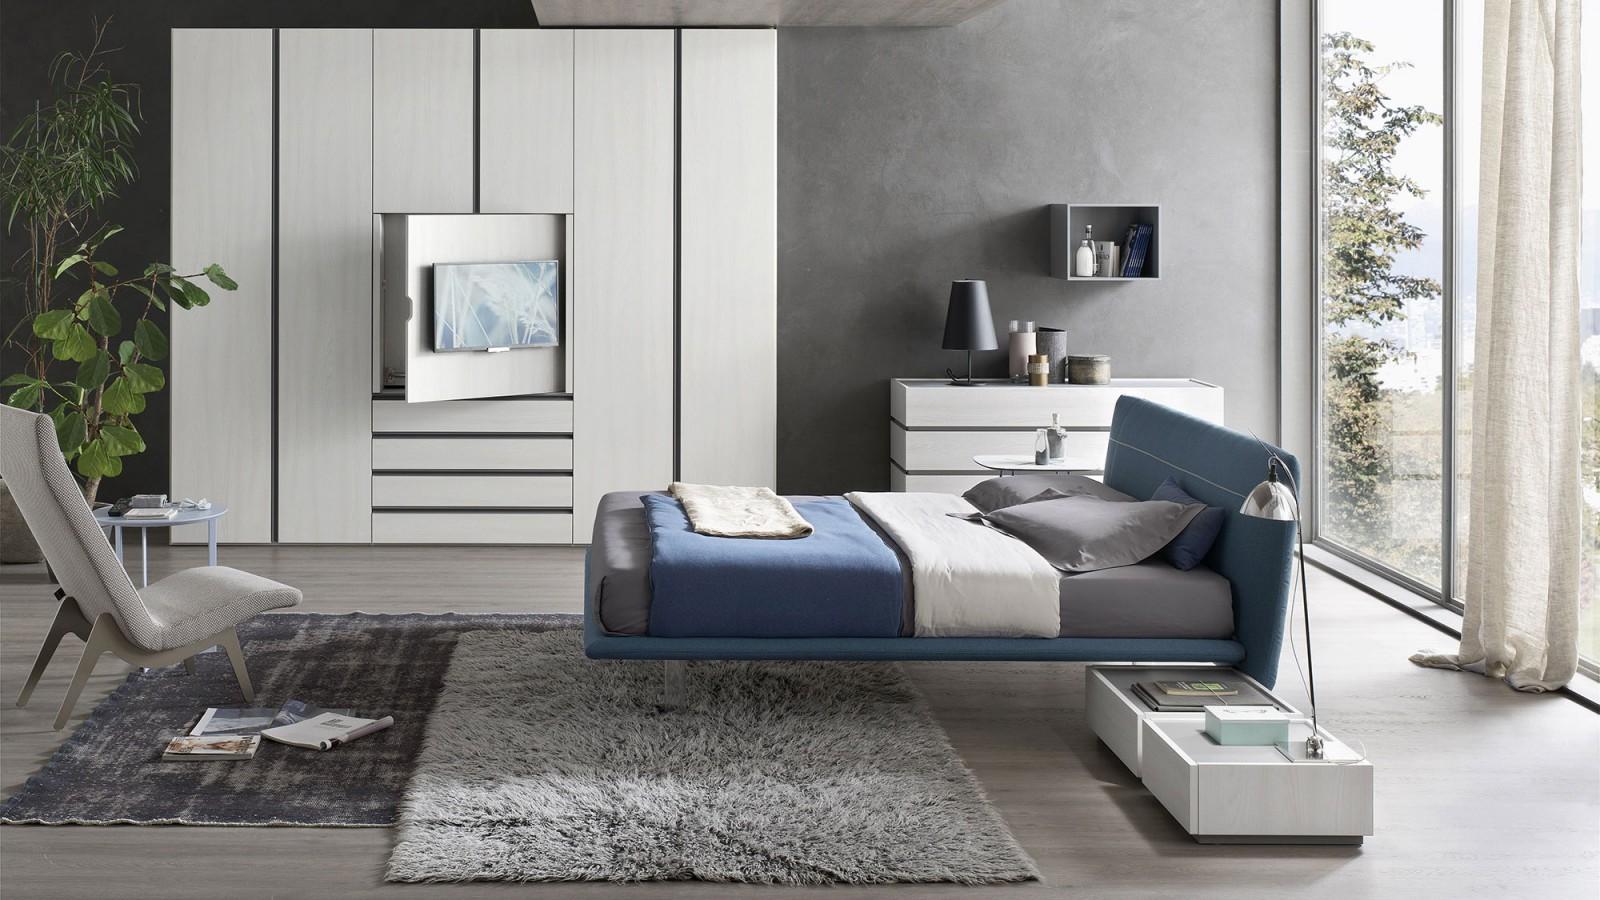 Esposizione camere da letto milano design - Esposizione camere da letto ...